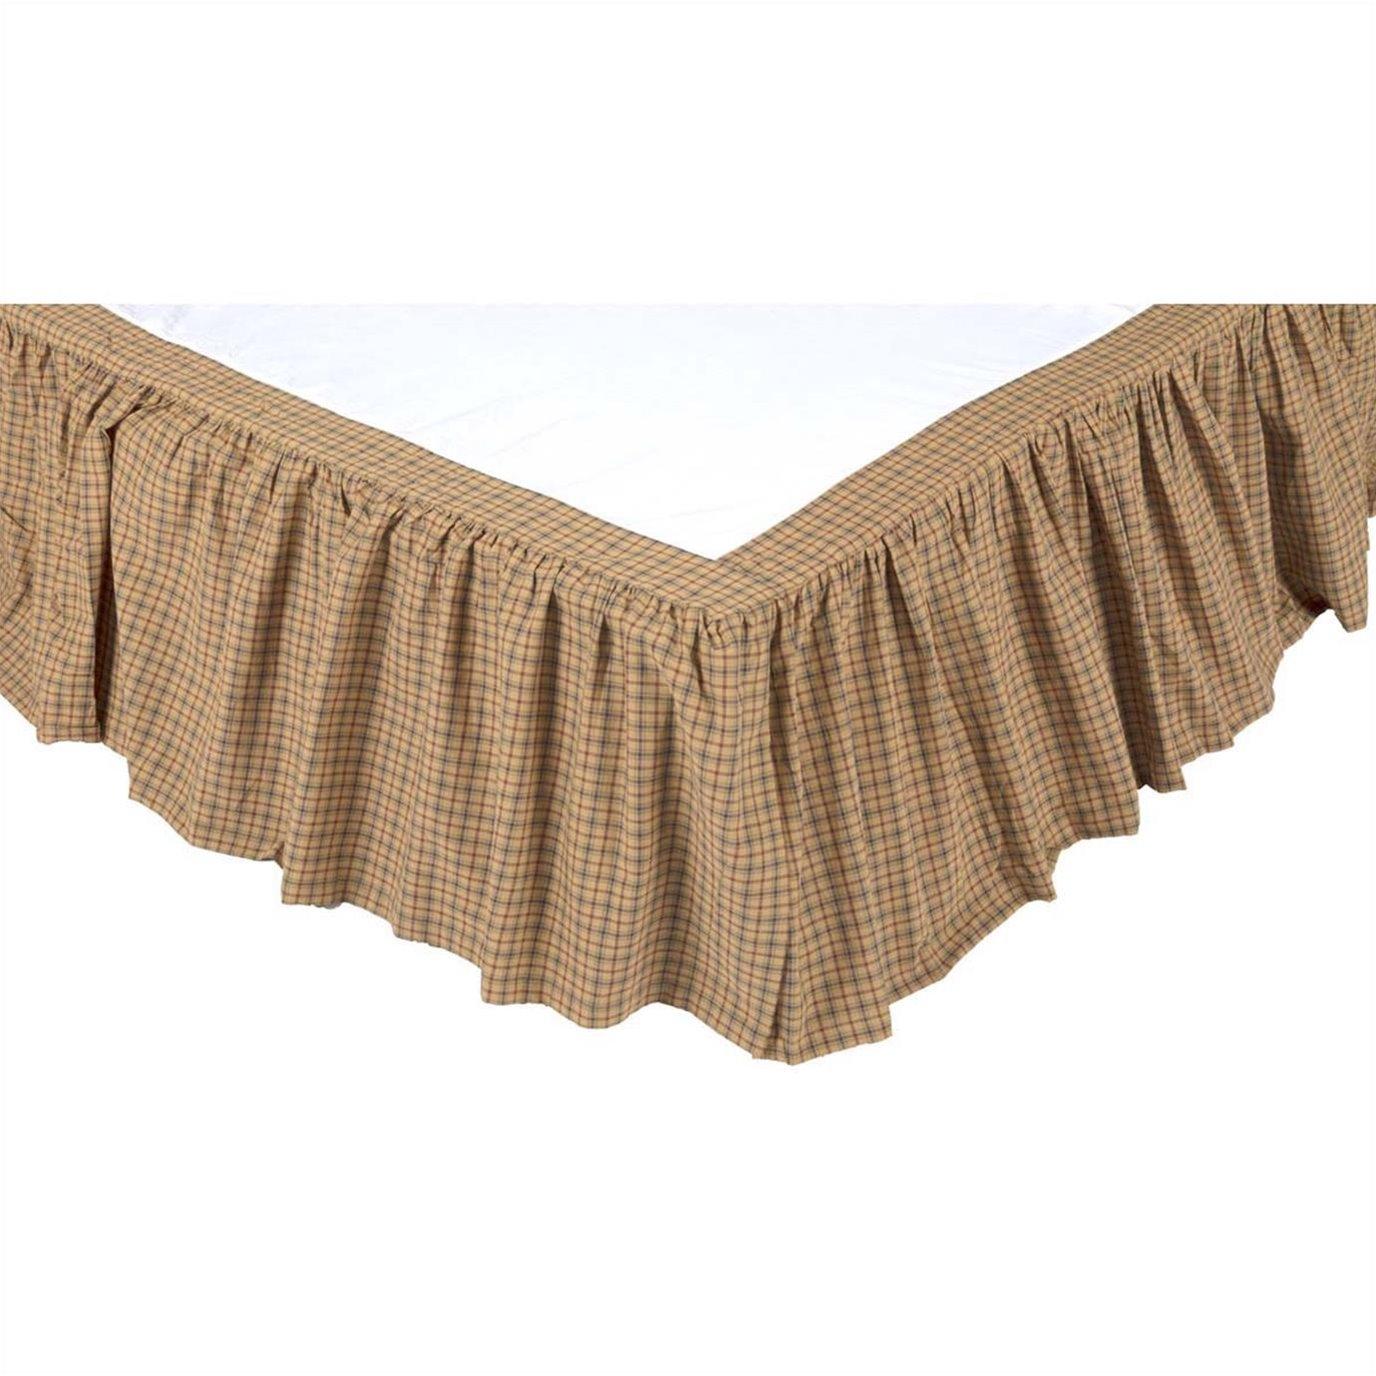 Millsboro King Bed Skirt 78x80x16 By Oak Amp Asher